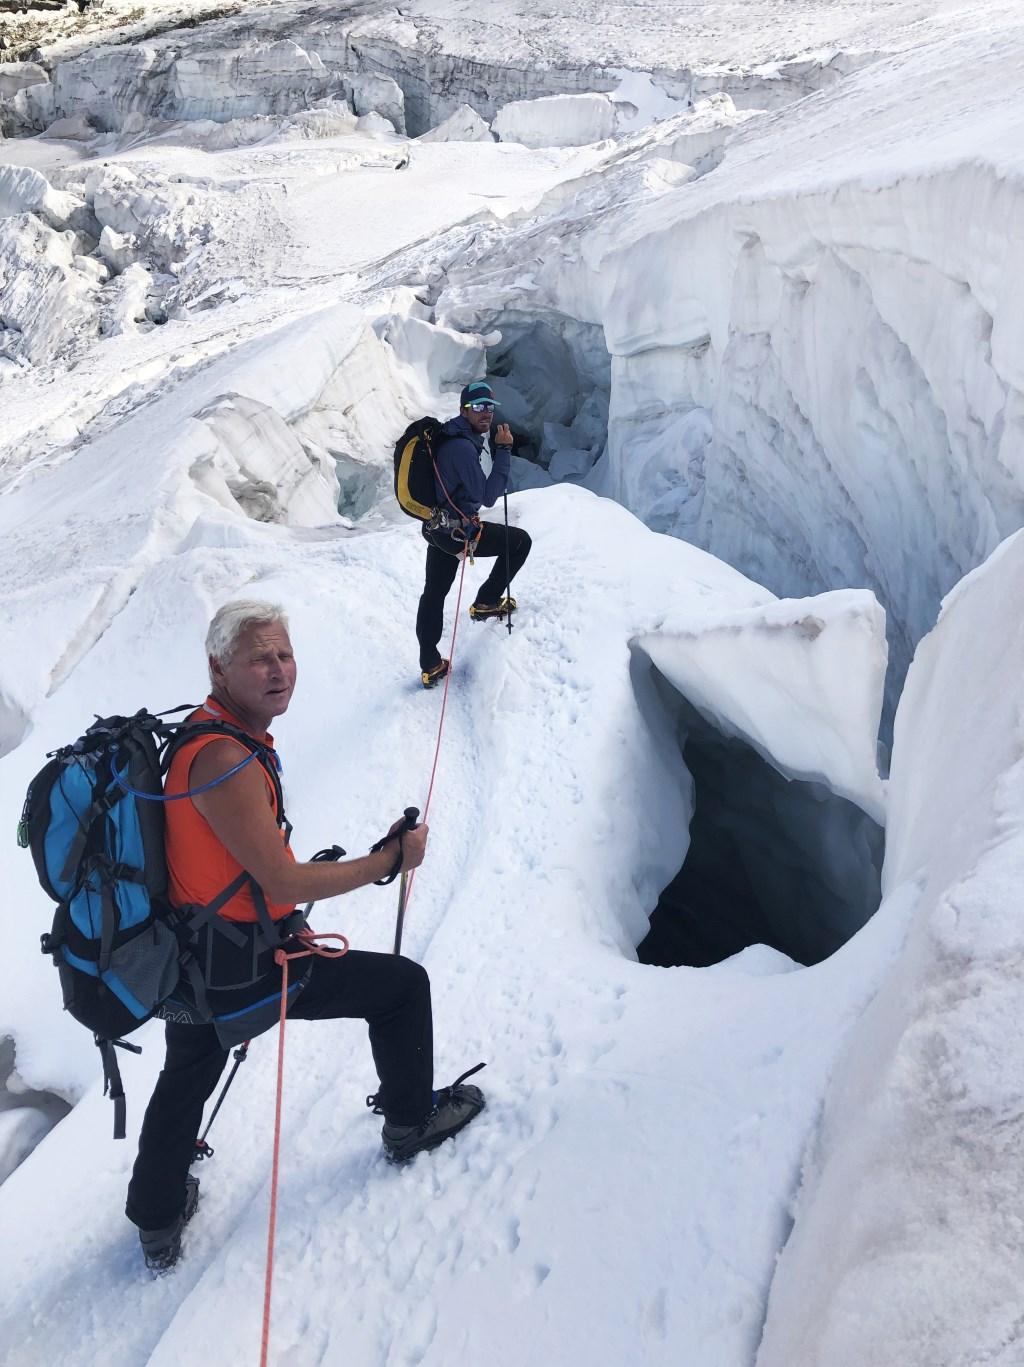 De tocht was niet van gevaar ontbloot: gaten en gletsjer spleten konden bedekt zijn met verse sneeuw. Wim Jacobs © BDU media